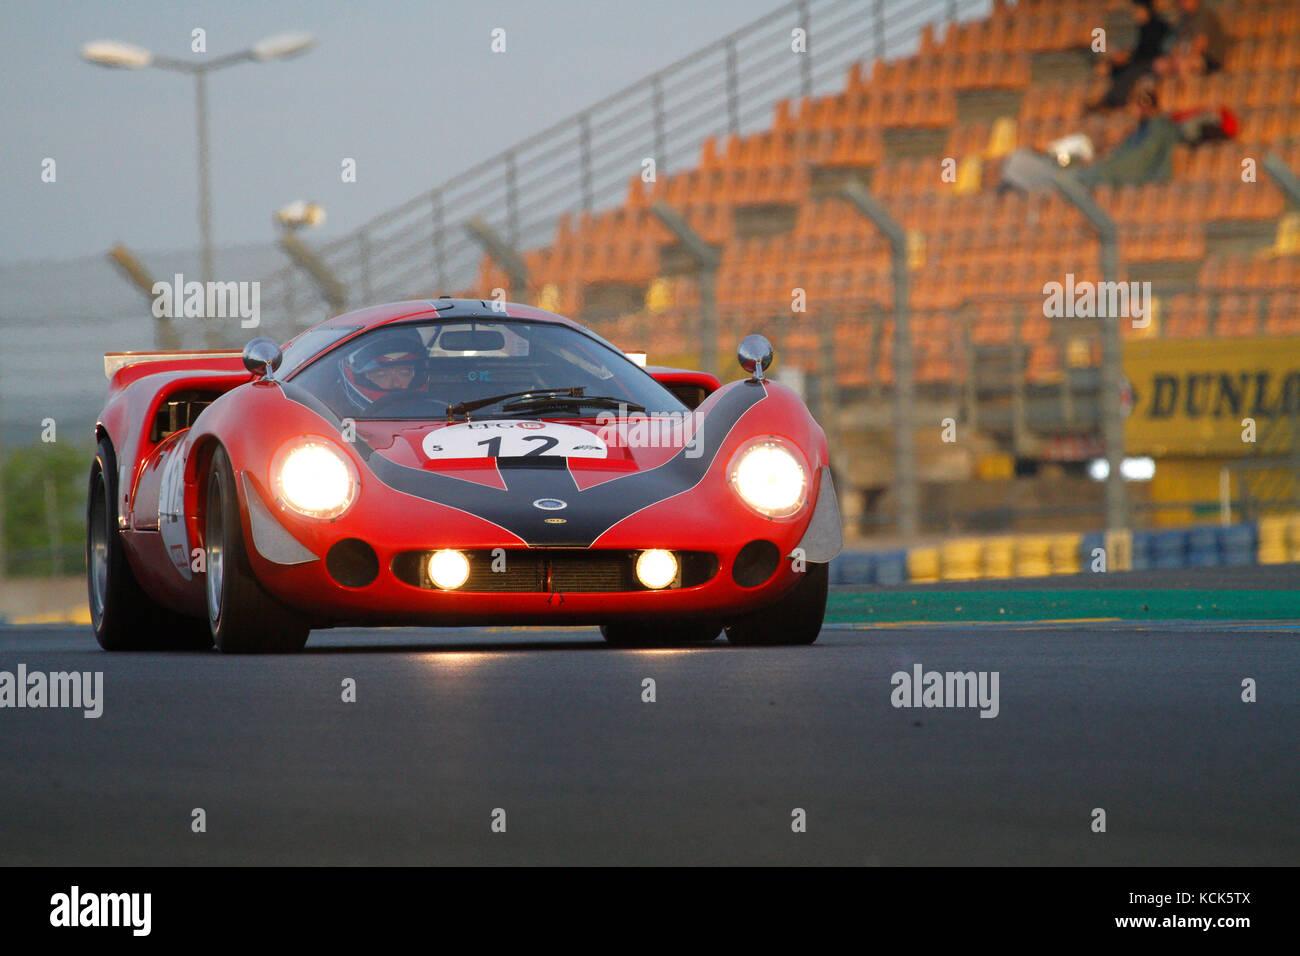 Le Mans Classic Stock Photos Amp Le Mans Classic Stock